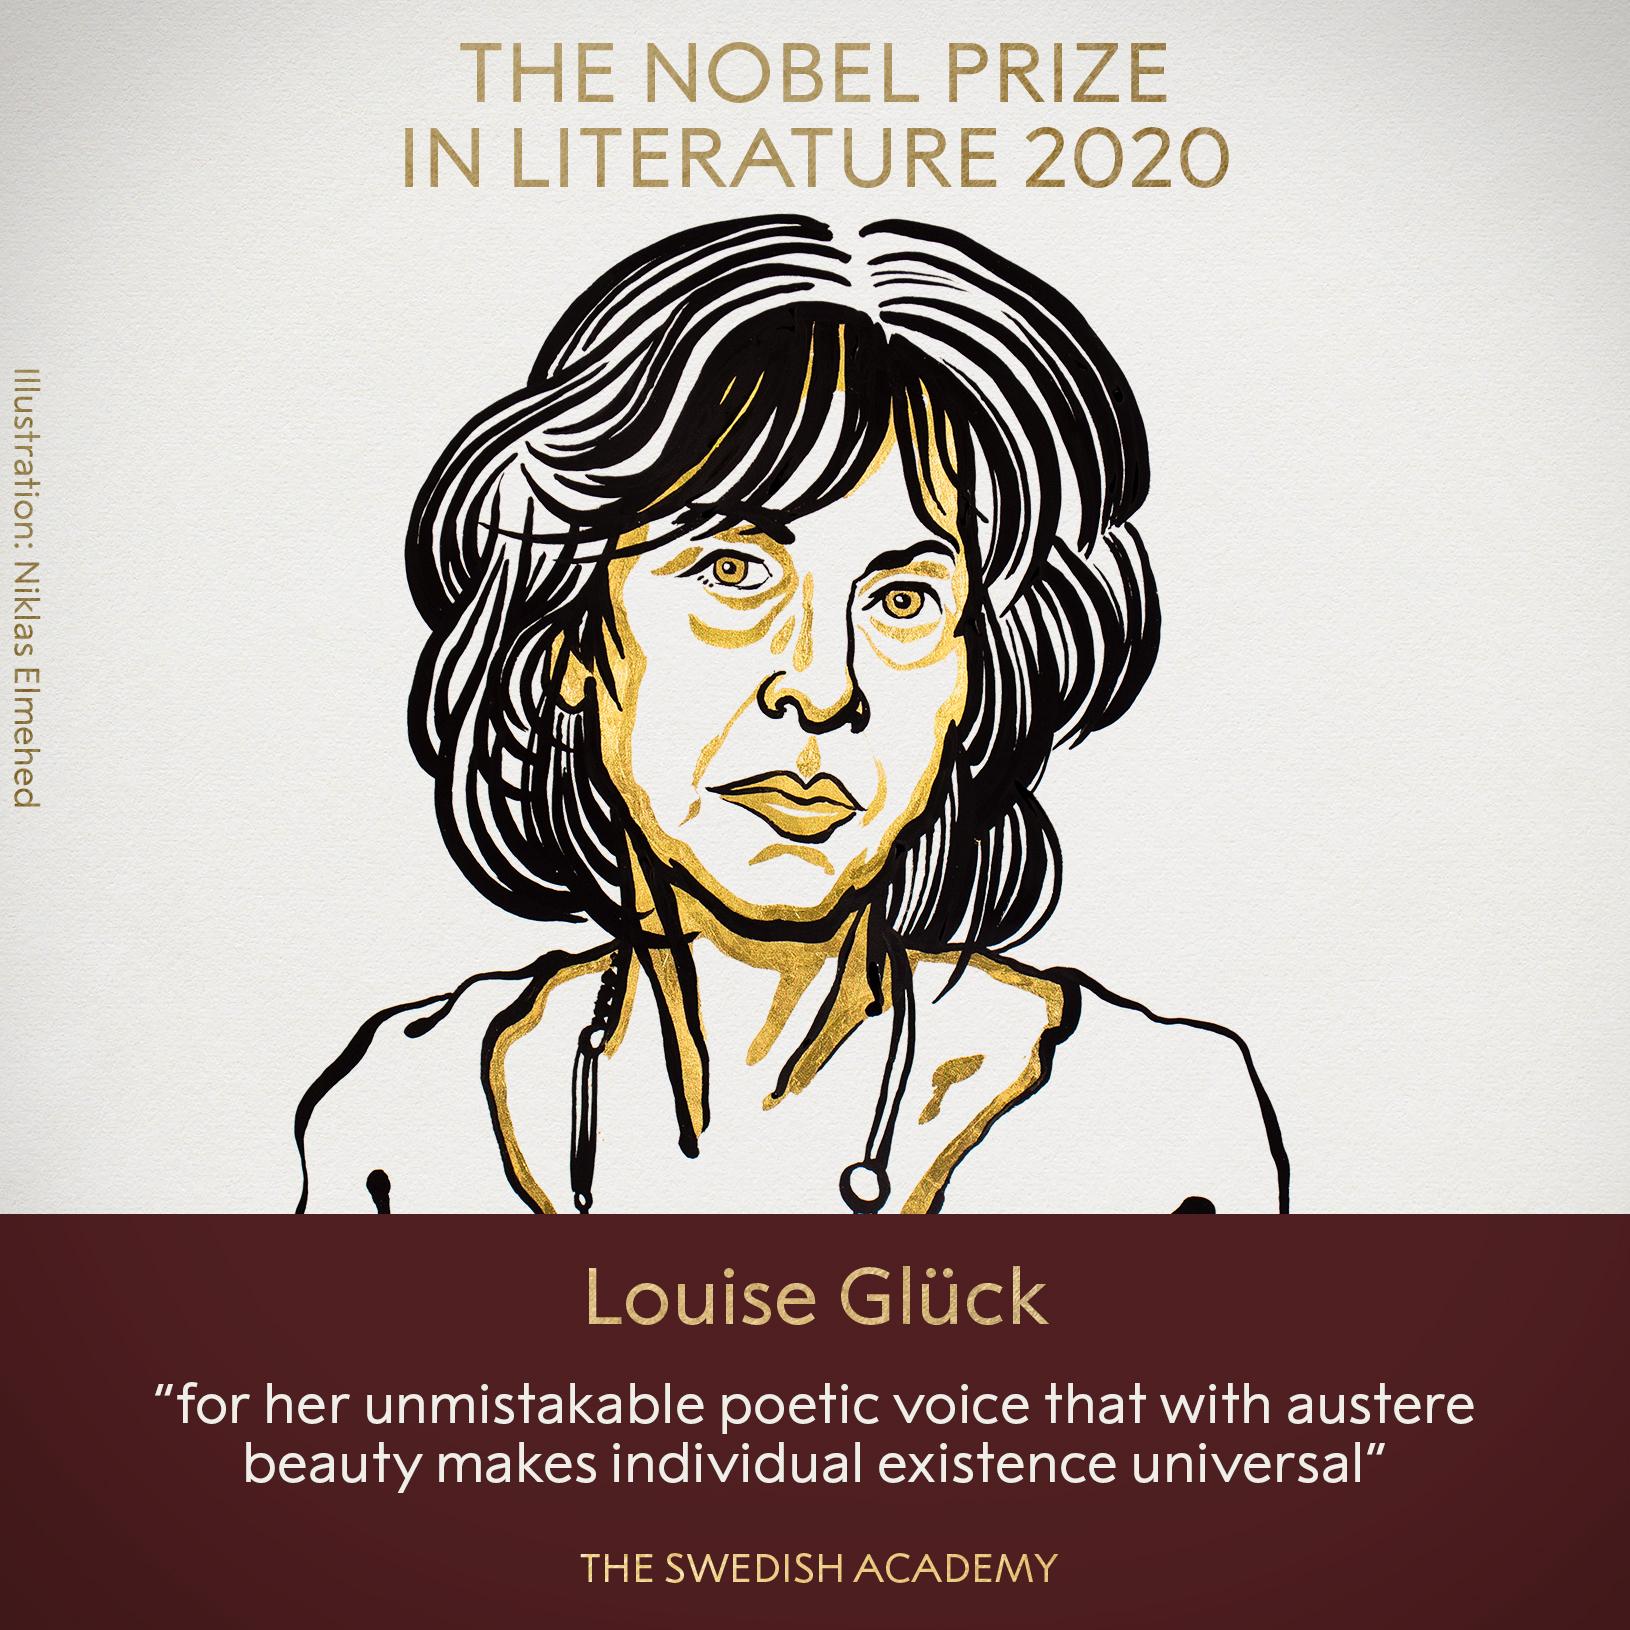 Нобелевский комитет объявил лауреата премии по литературе 2020 года